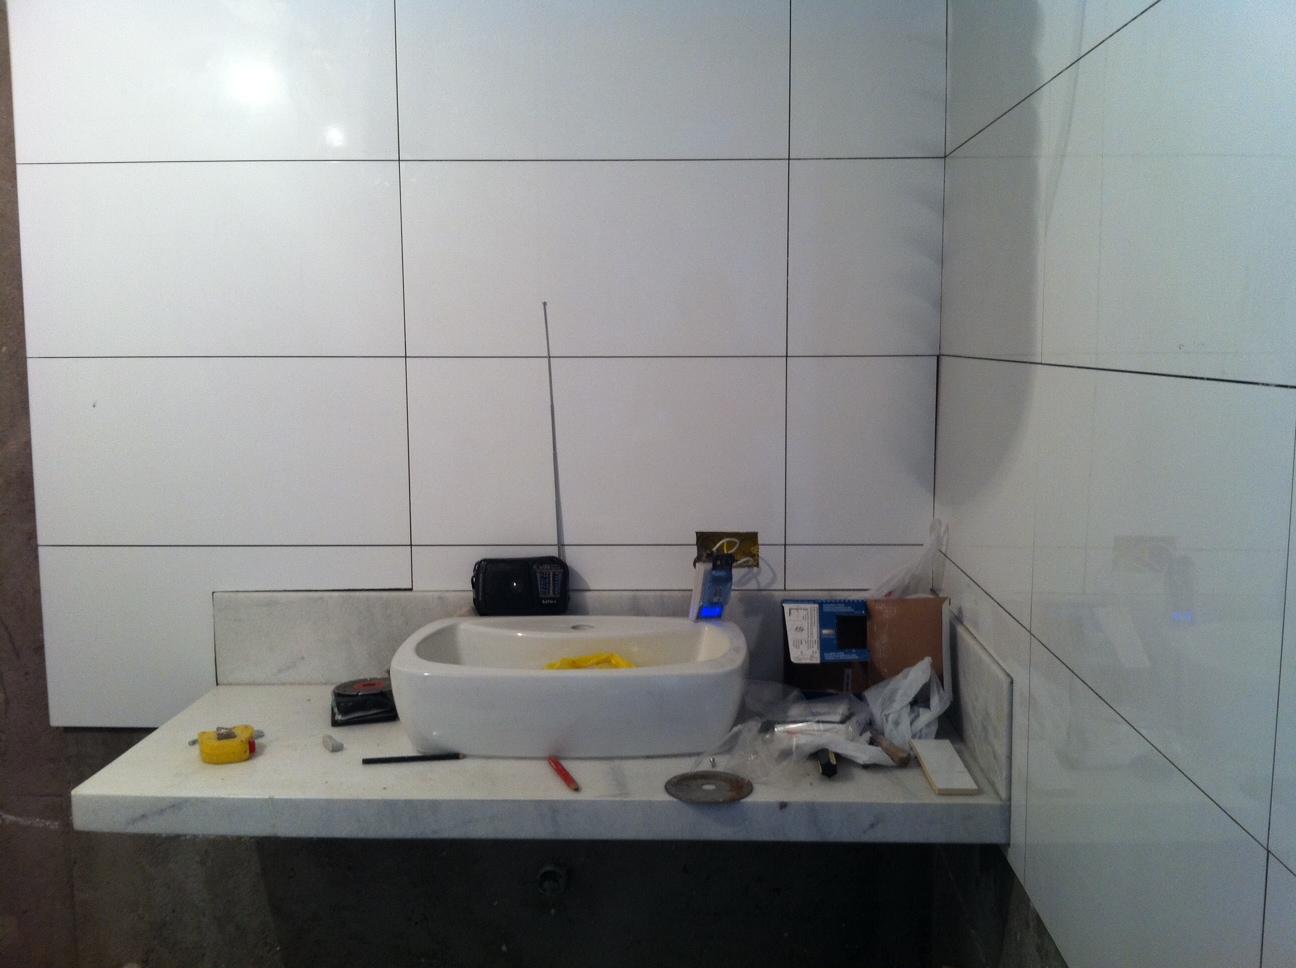 passada e eu fiquei de colocar aqui. Essa é a do banheiro maior #5D4B44 1296x968 Banheiro Com Azulejo Deitado